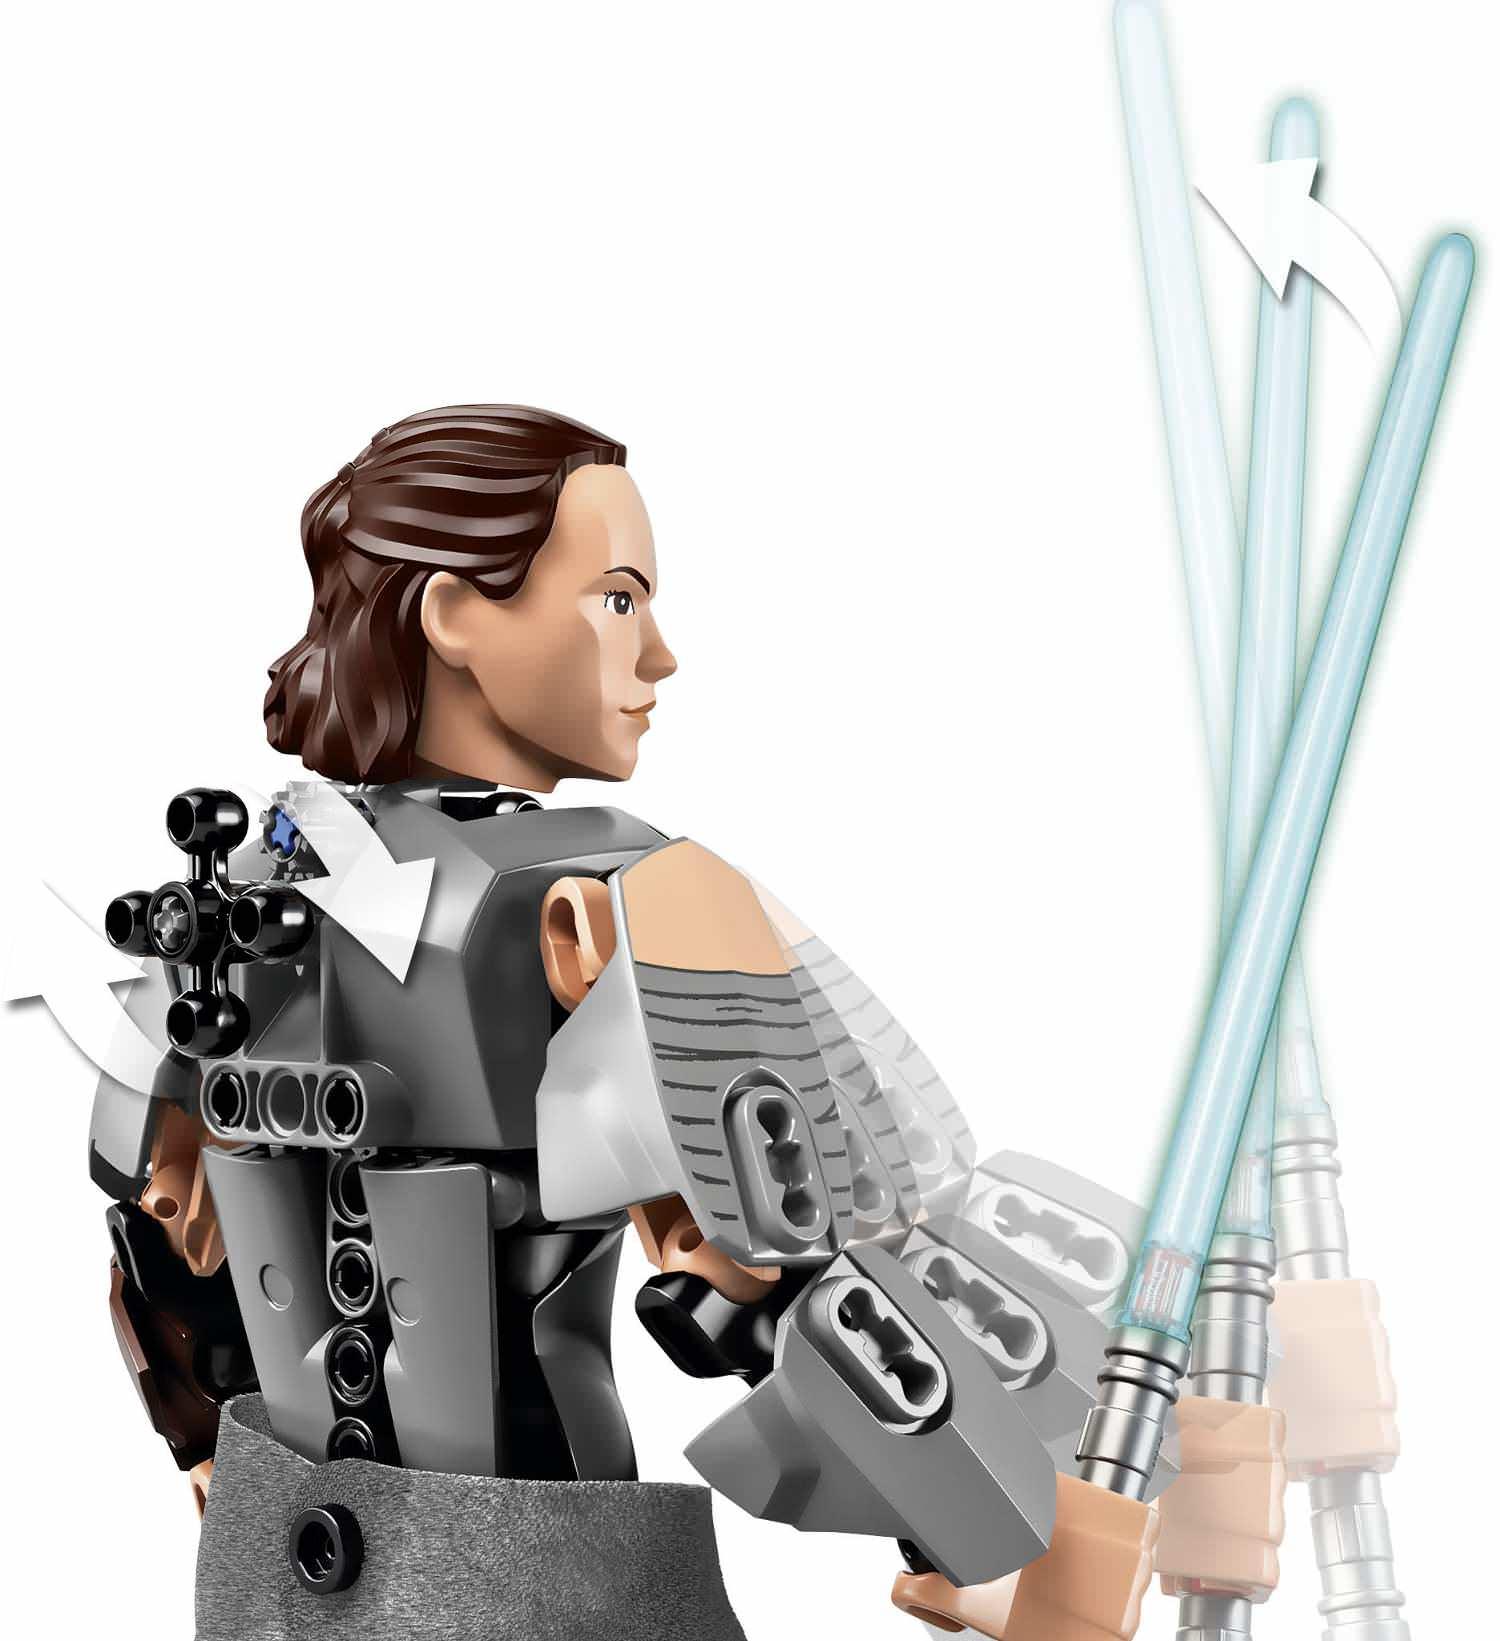 [Produits] Figurines Star Wars de l'automne 2017 : découvrez les images ! Ucpc2t10